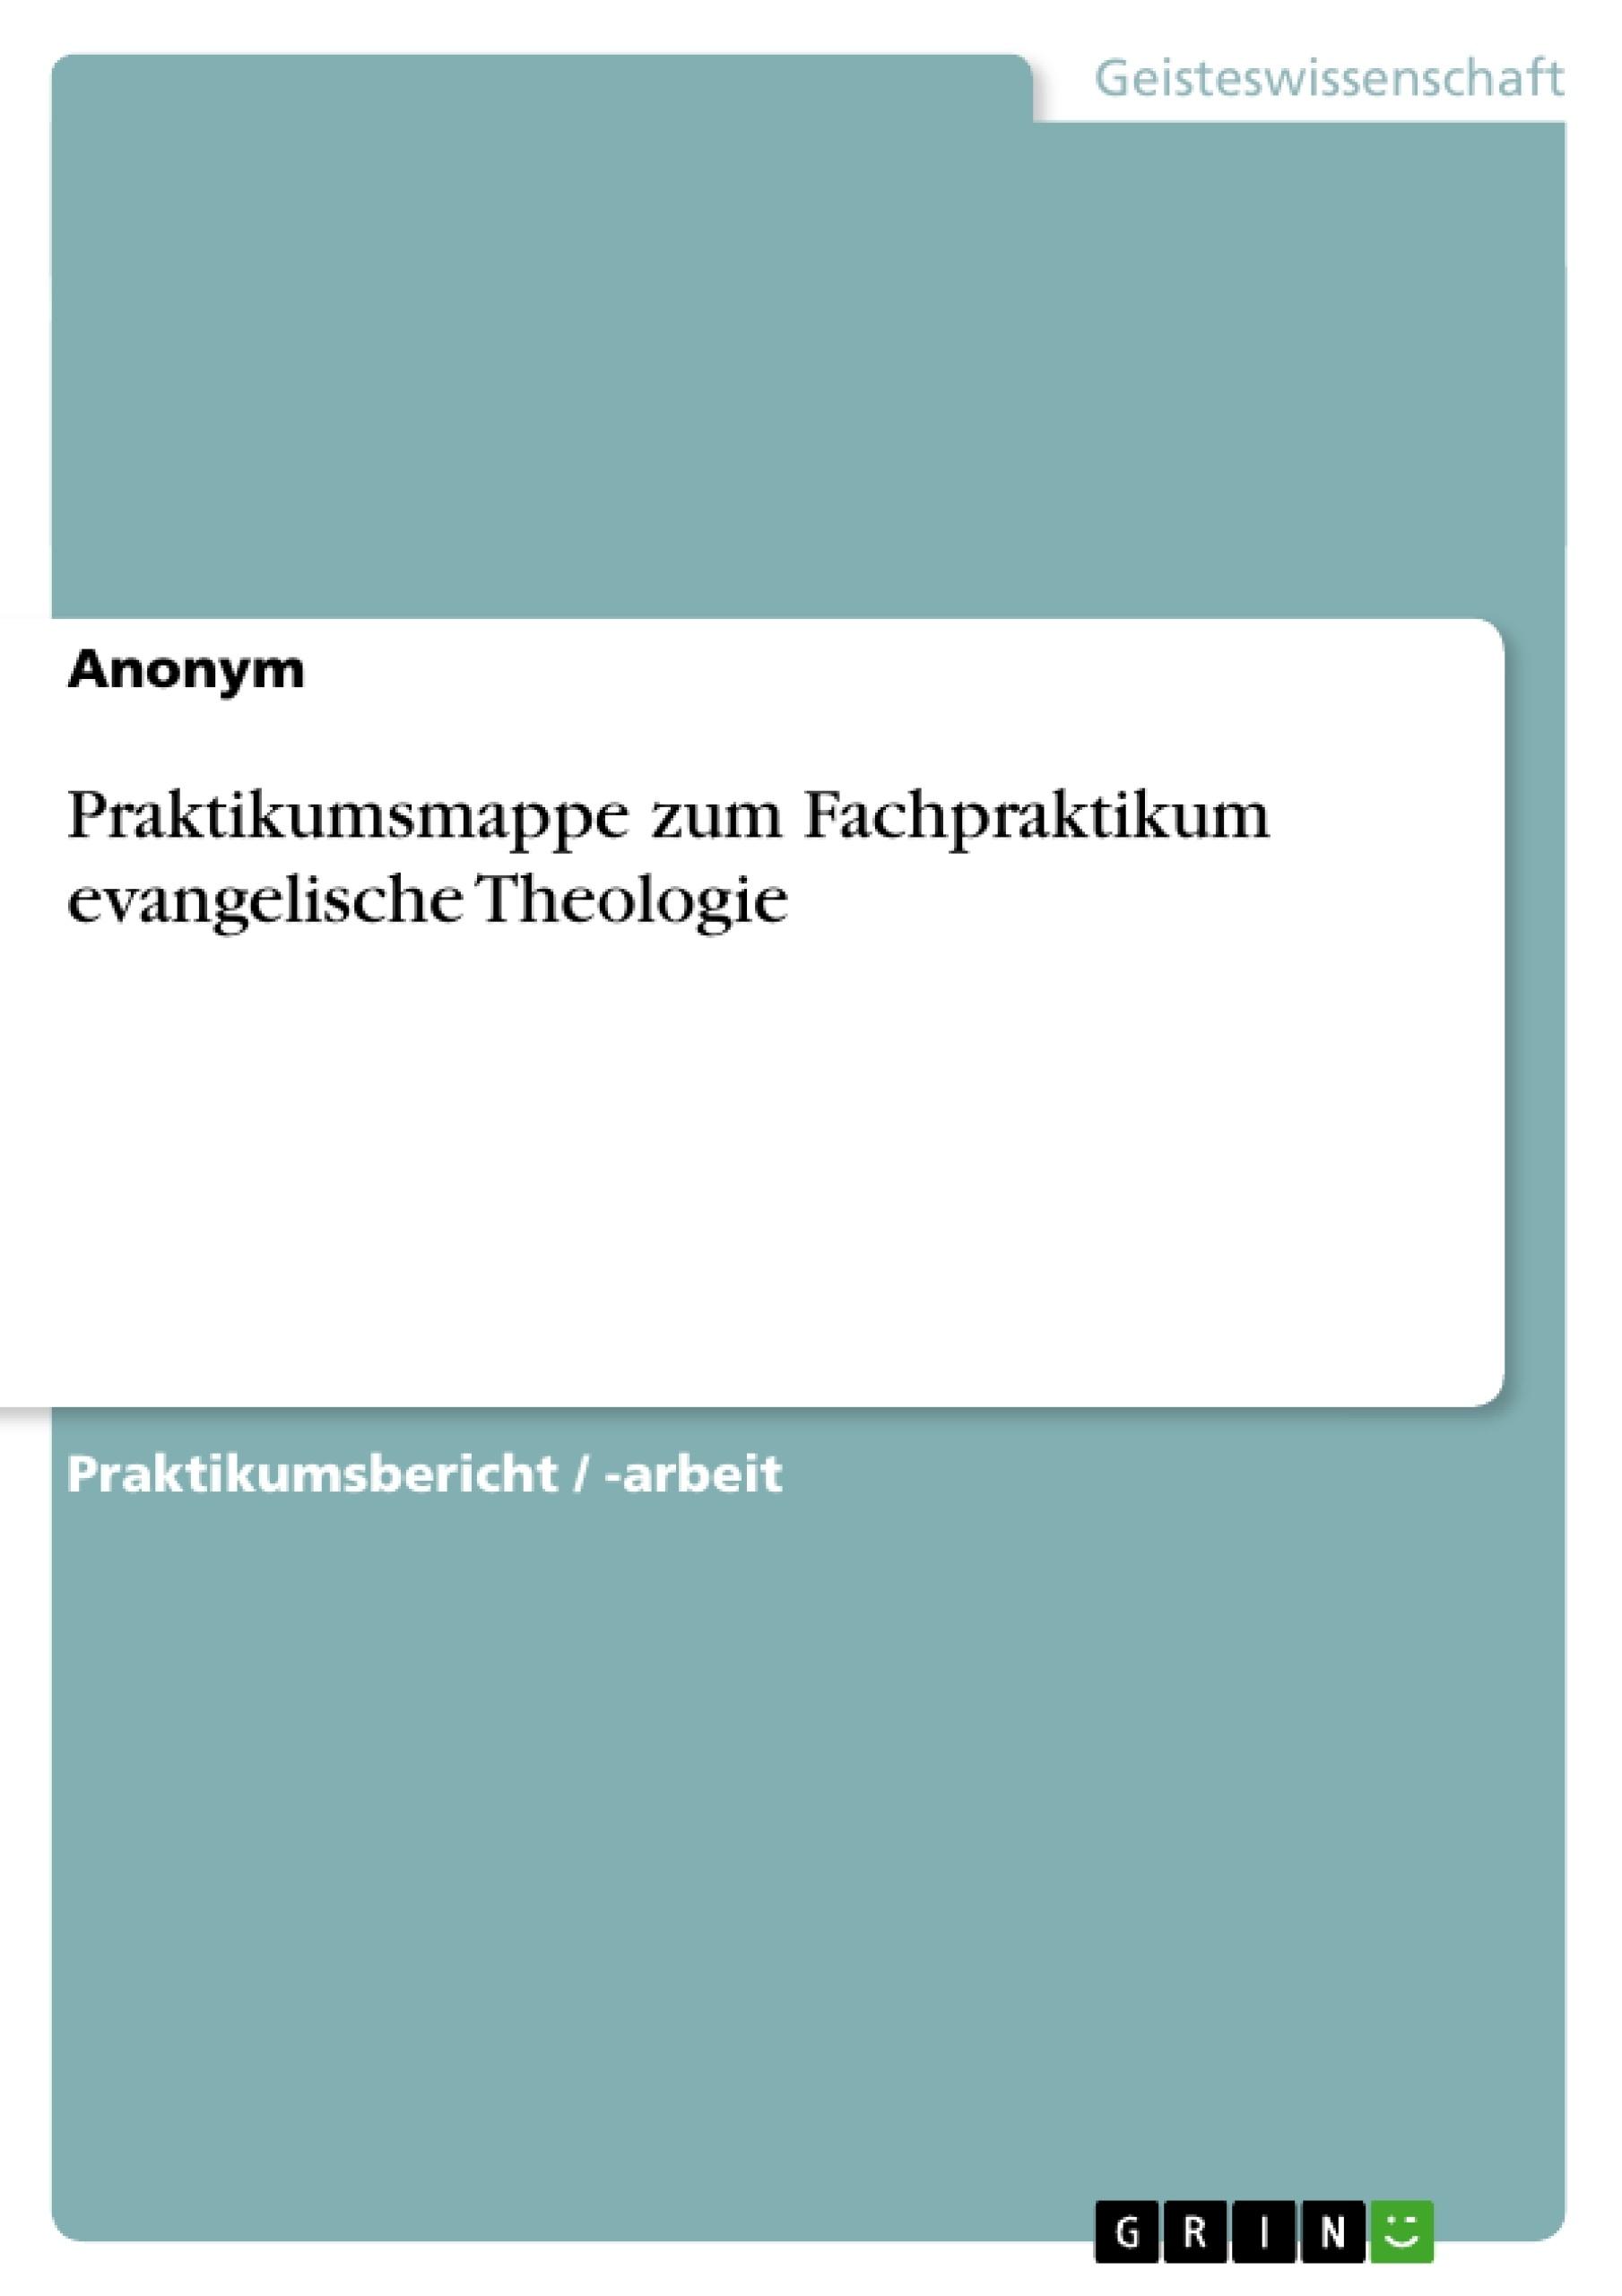 Titel: Praktikumsmappe zum Fachpraktikum evangelische Theologie